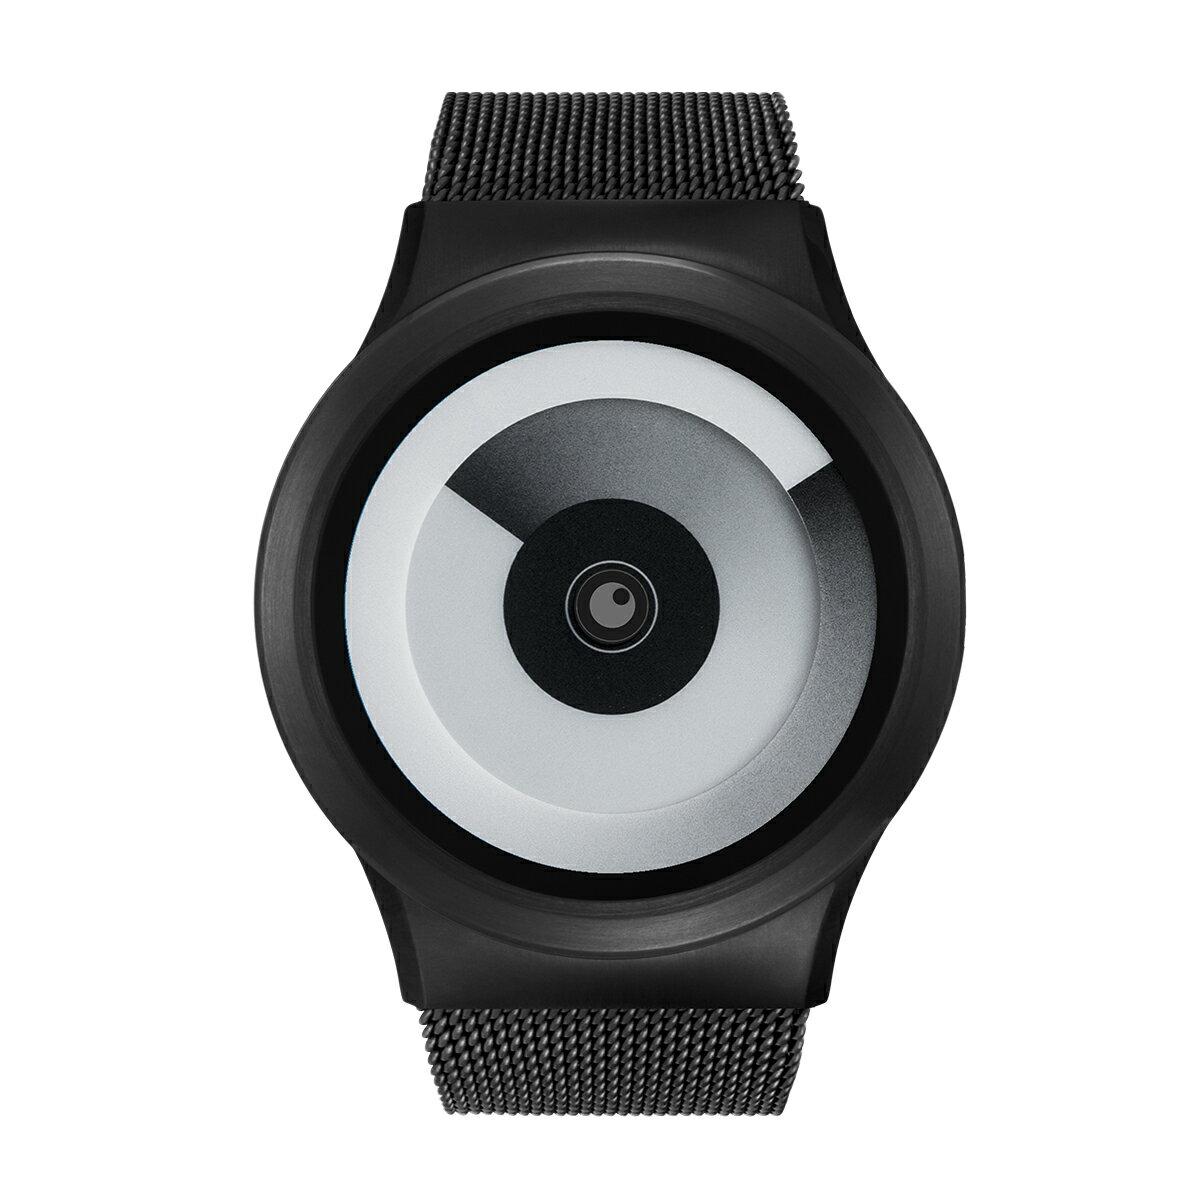 ZEROO SPIRAL GALAXY ゼロ 電池式クォーツ 腕時計 [W06016B03SM03] ホワイト デザインウォッチ ペア用 メンズ レディース ユニセックス おしゃれ時計 デザイナーズ